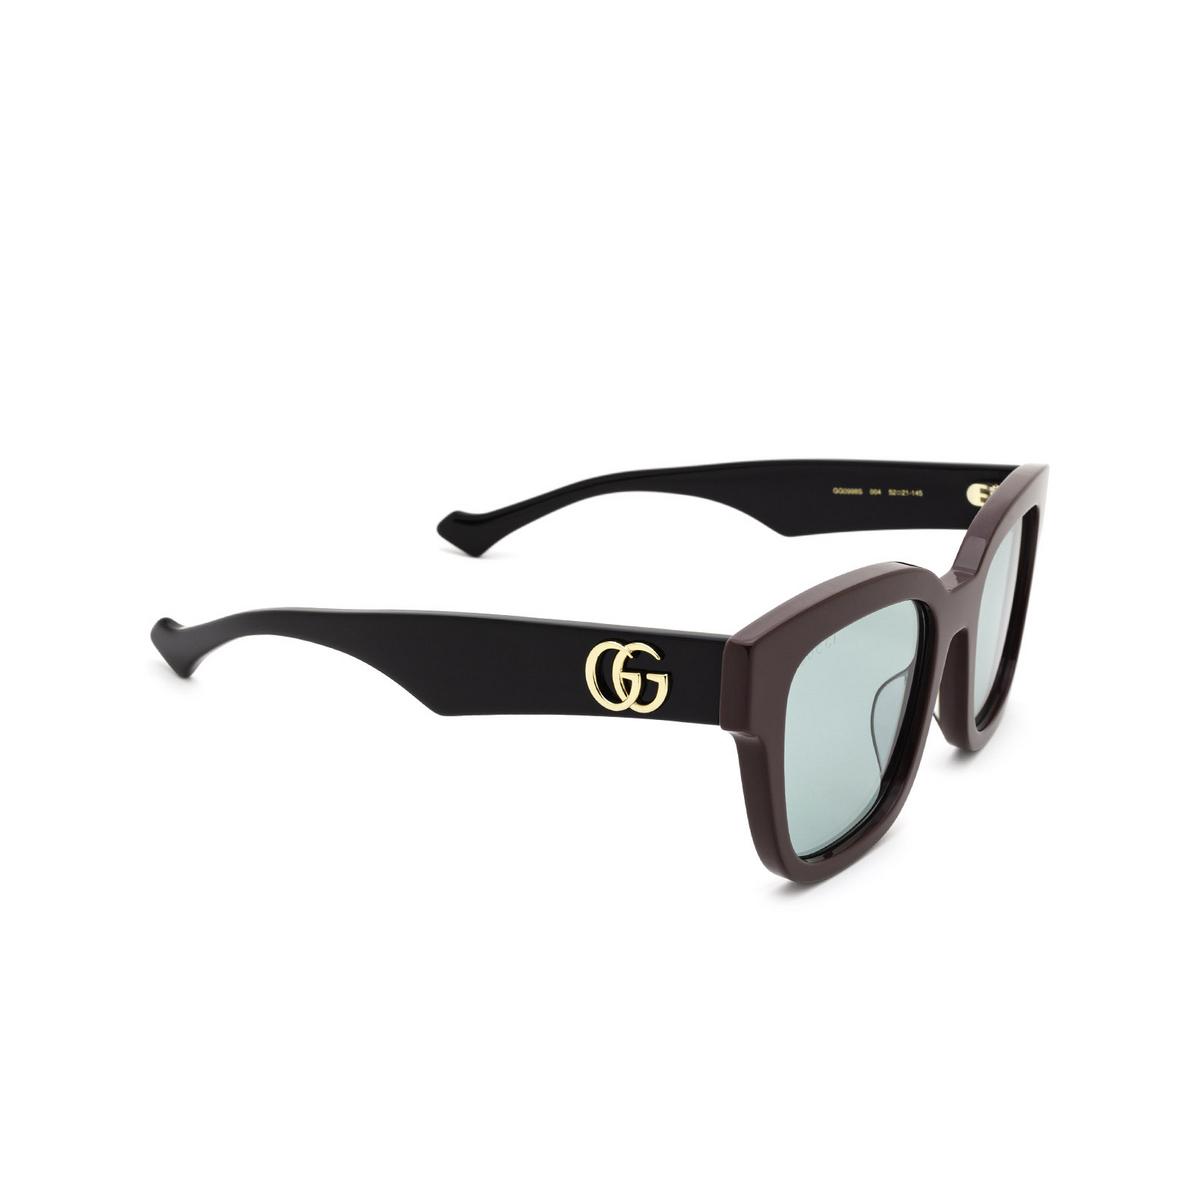 Gucci® Square Sunglasses: GG0998S color Brown 004 - three-quarters view.